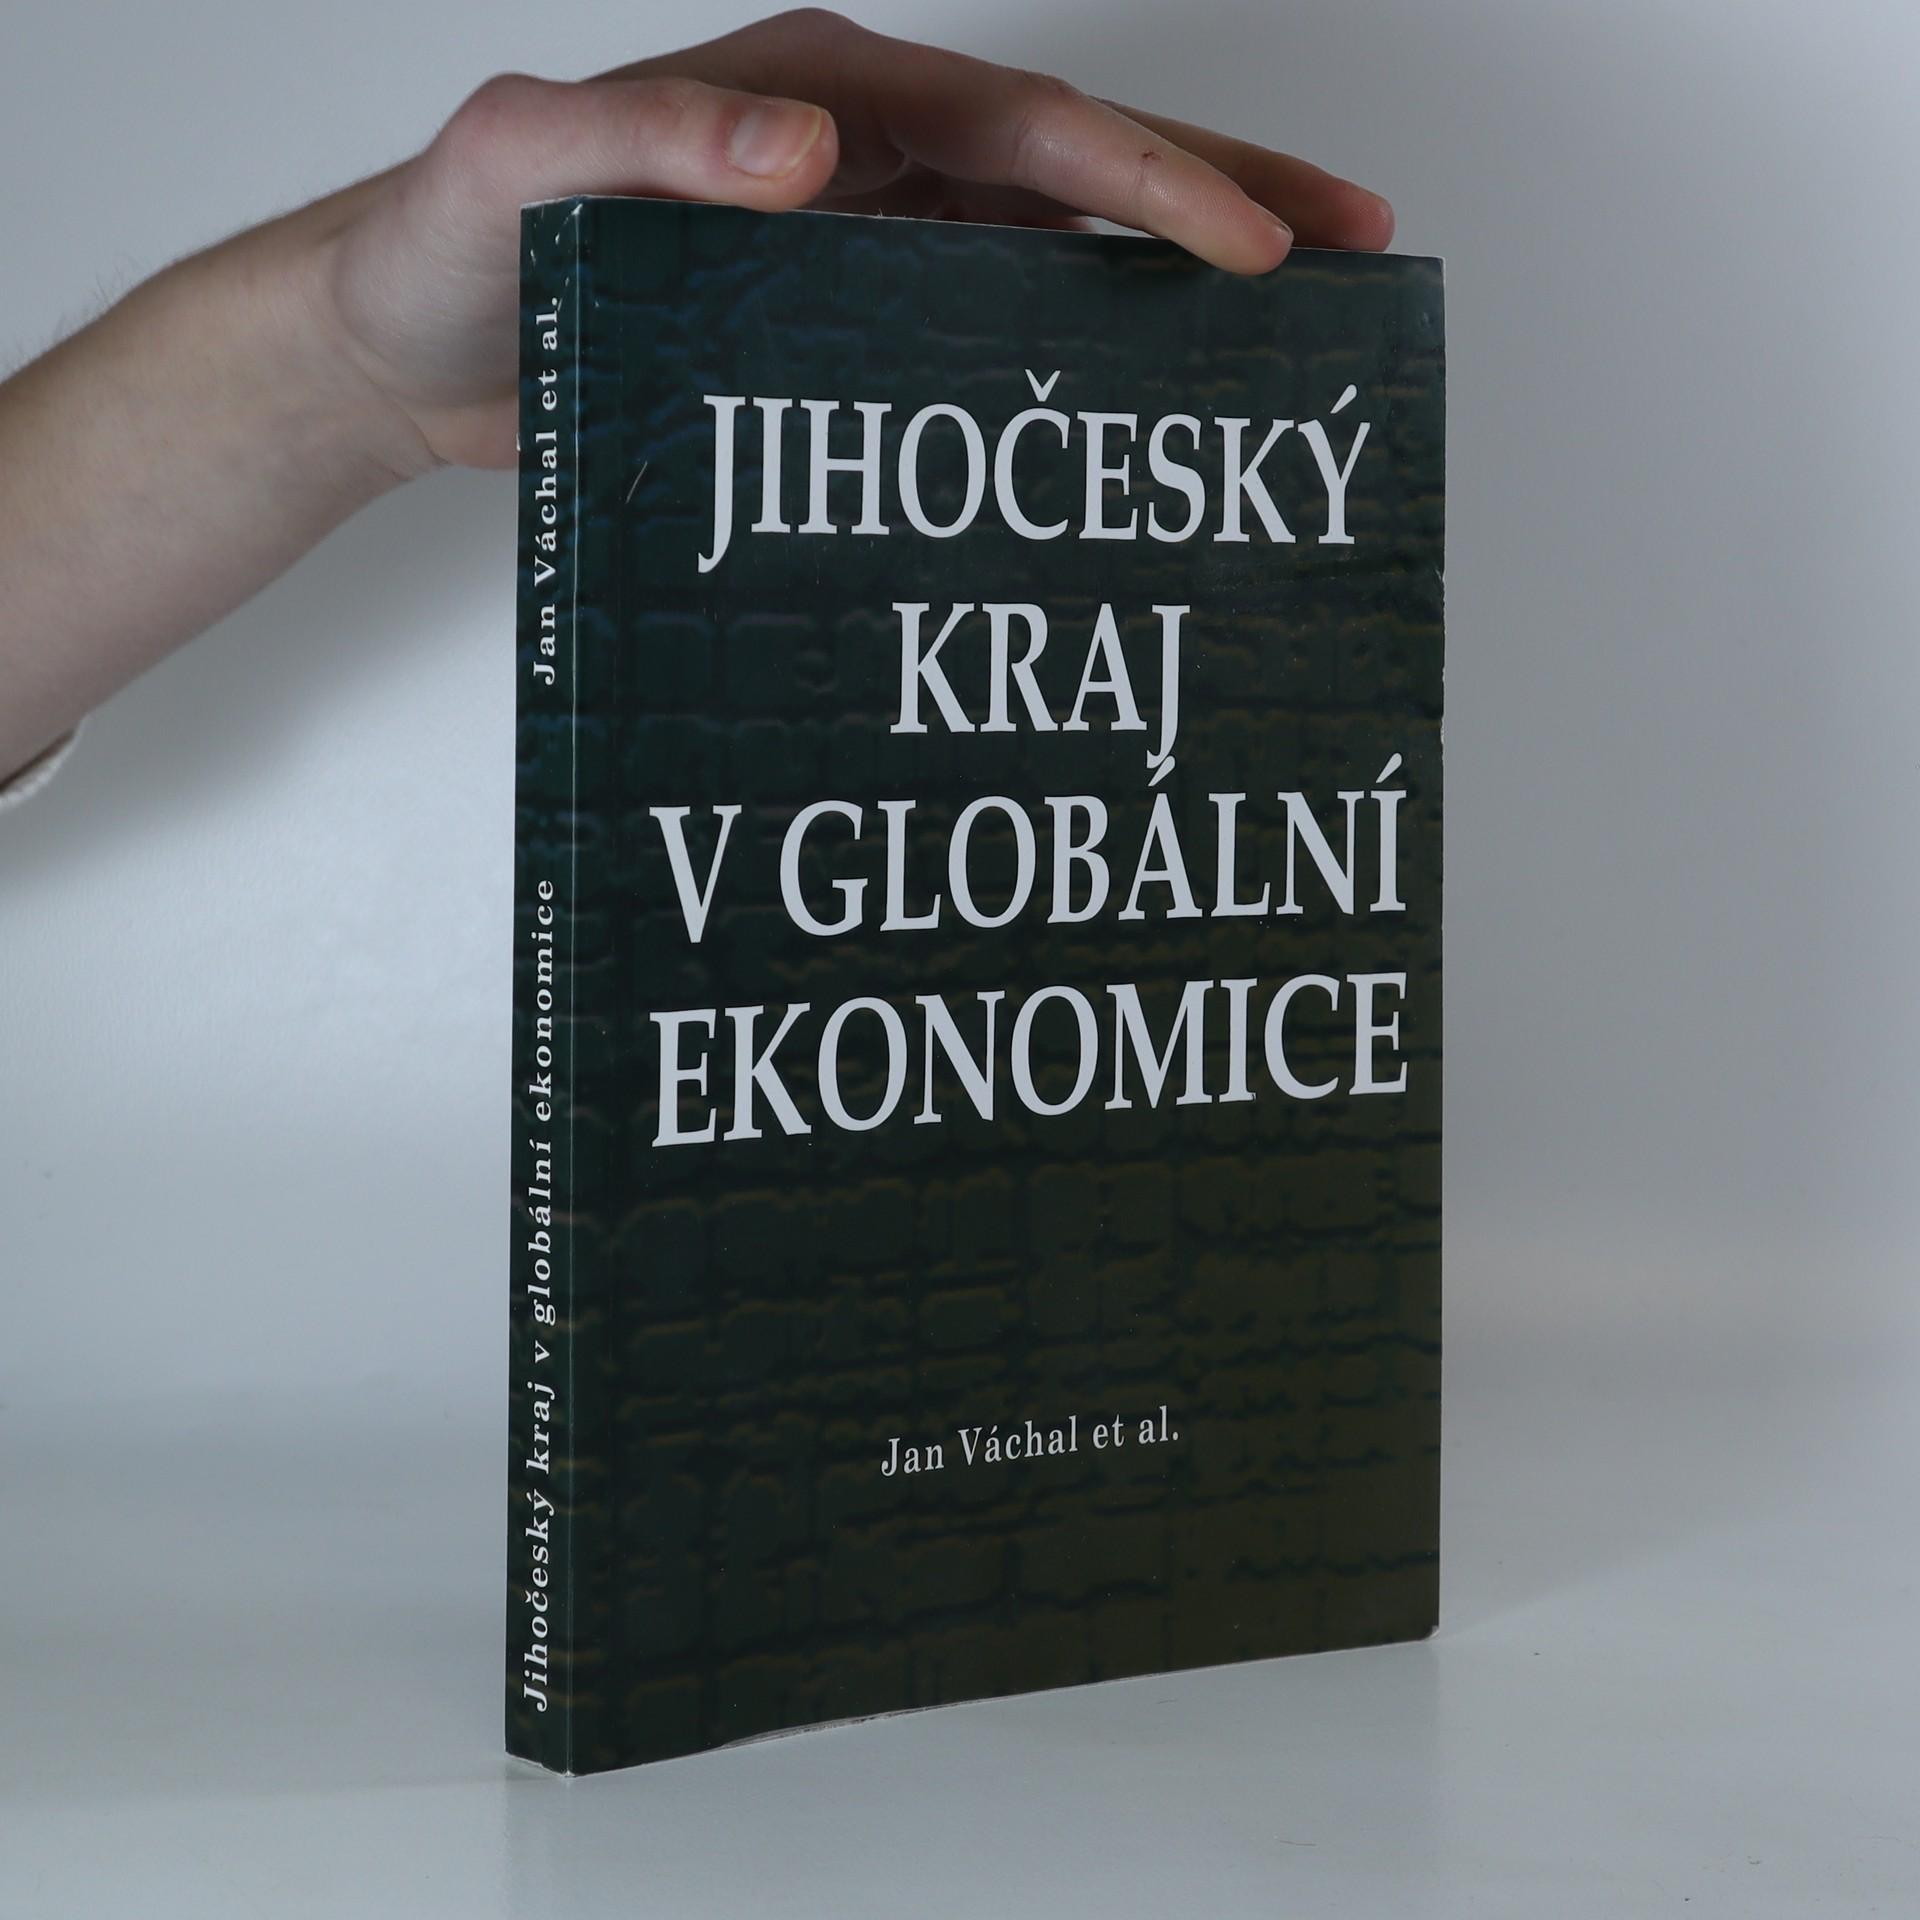 antikvární kniha Jihočeský kraj v globální ekonomice, 2016